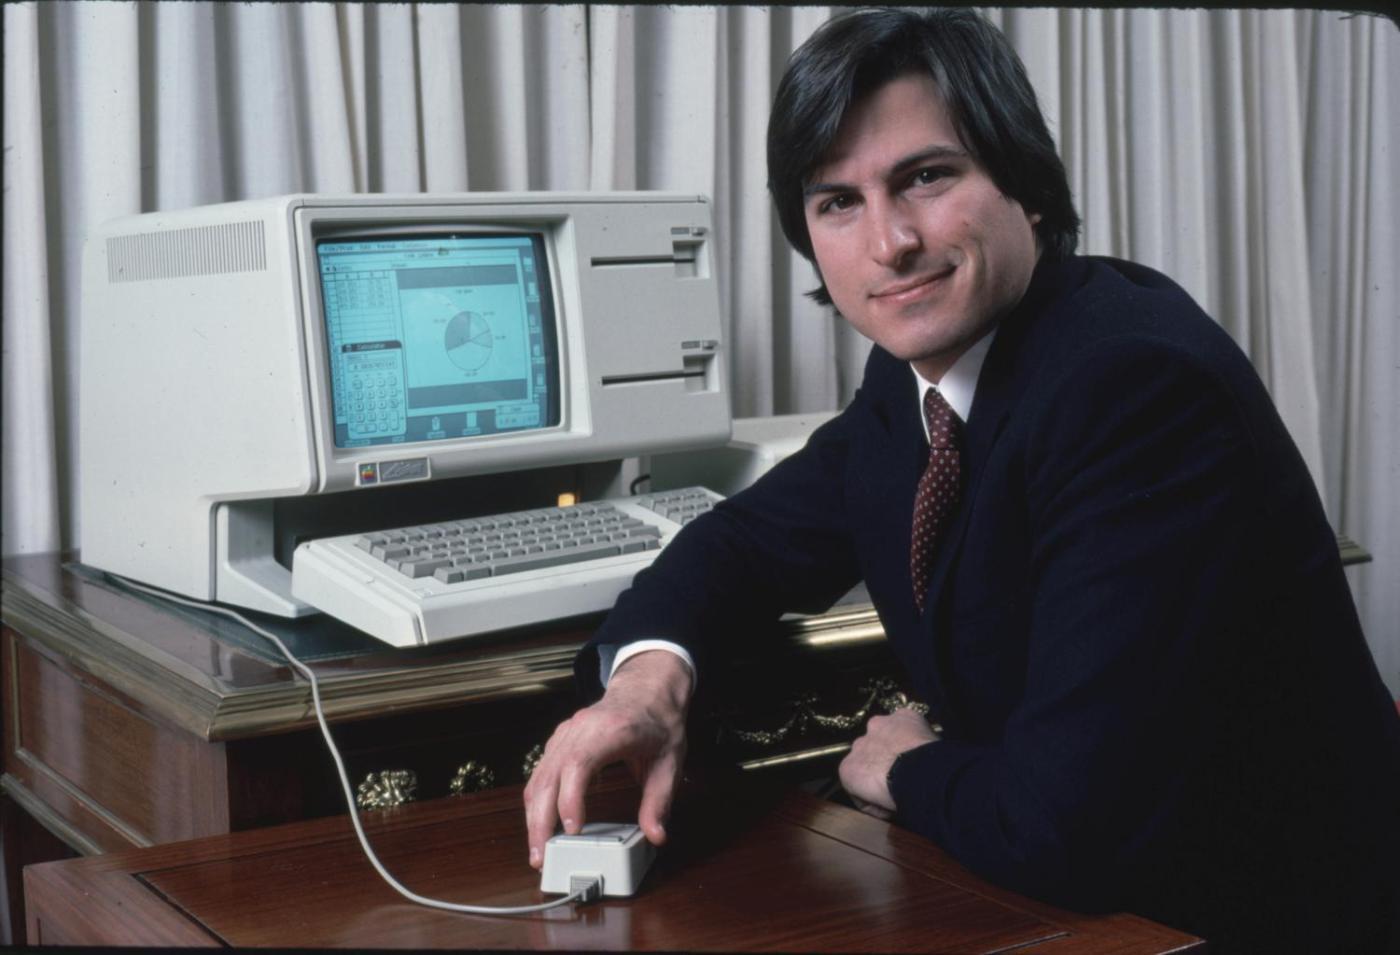 قصة الكمبيوتر الشخصي